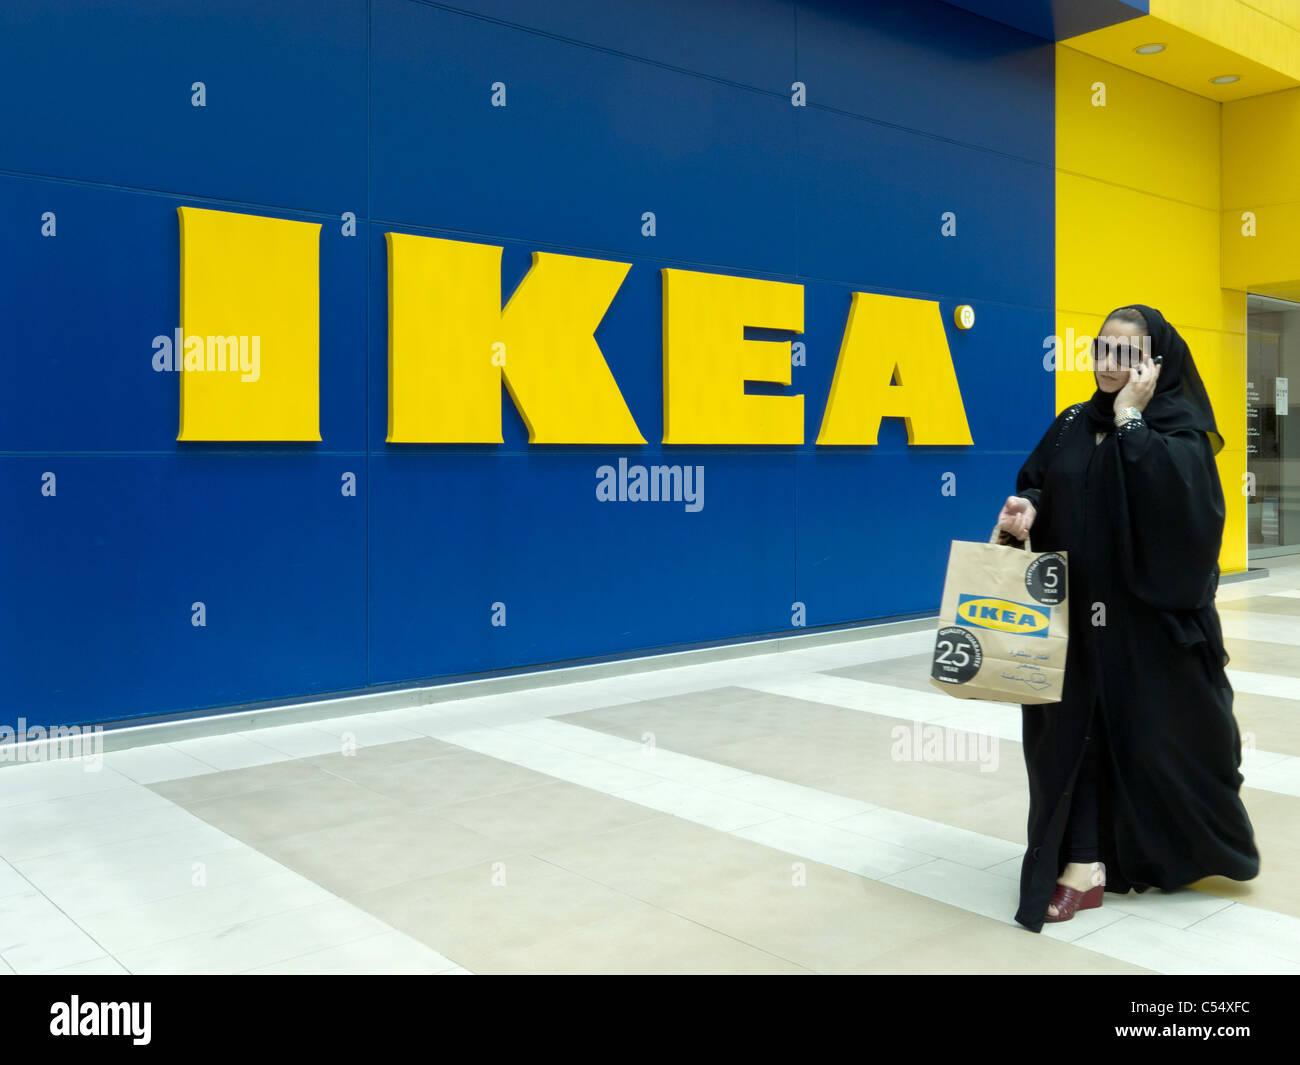 Ikea Shop Stock Photos Ikea Shop Stock Images Alamy